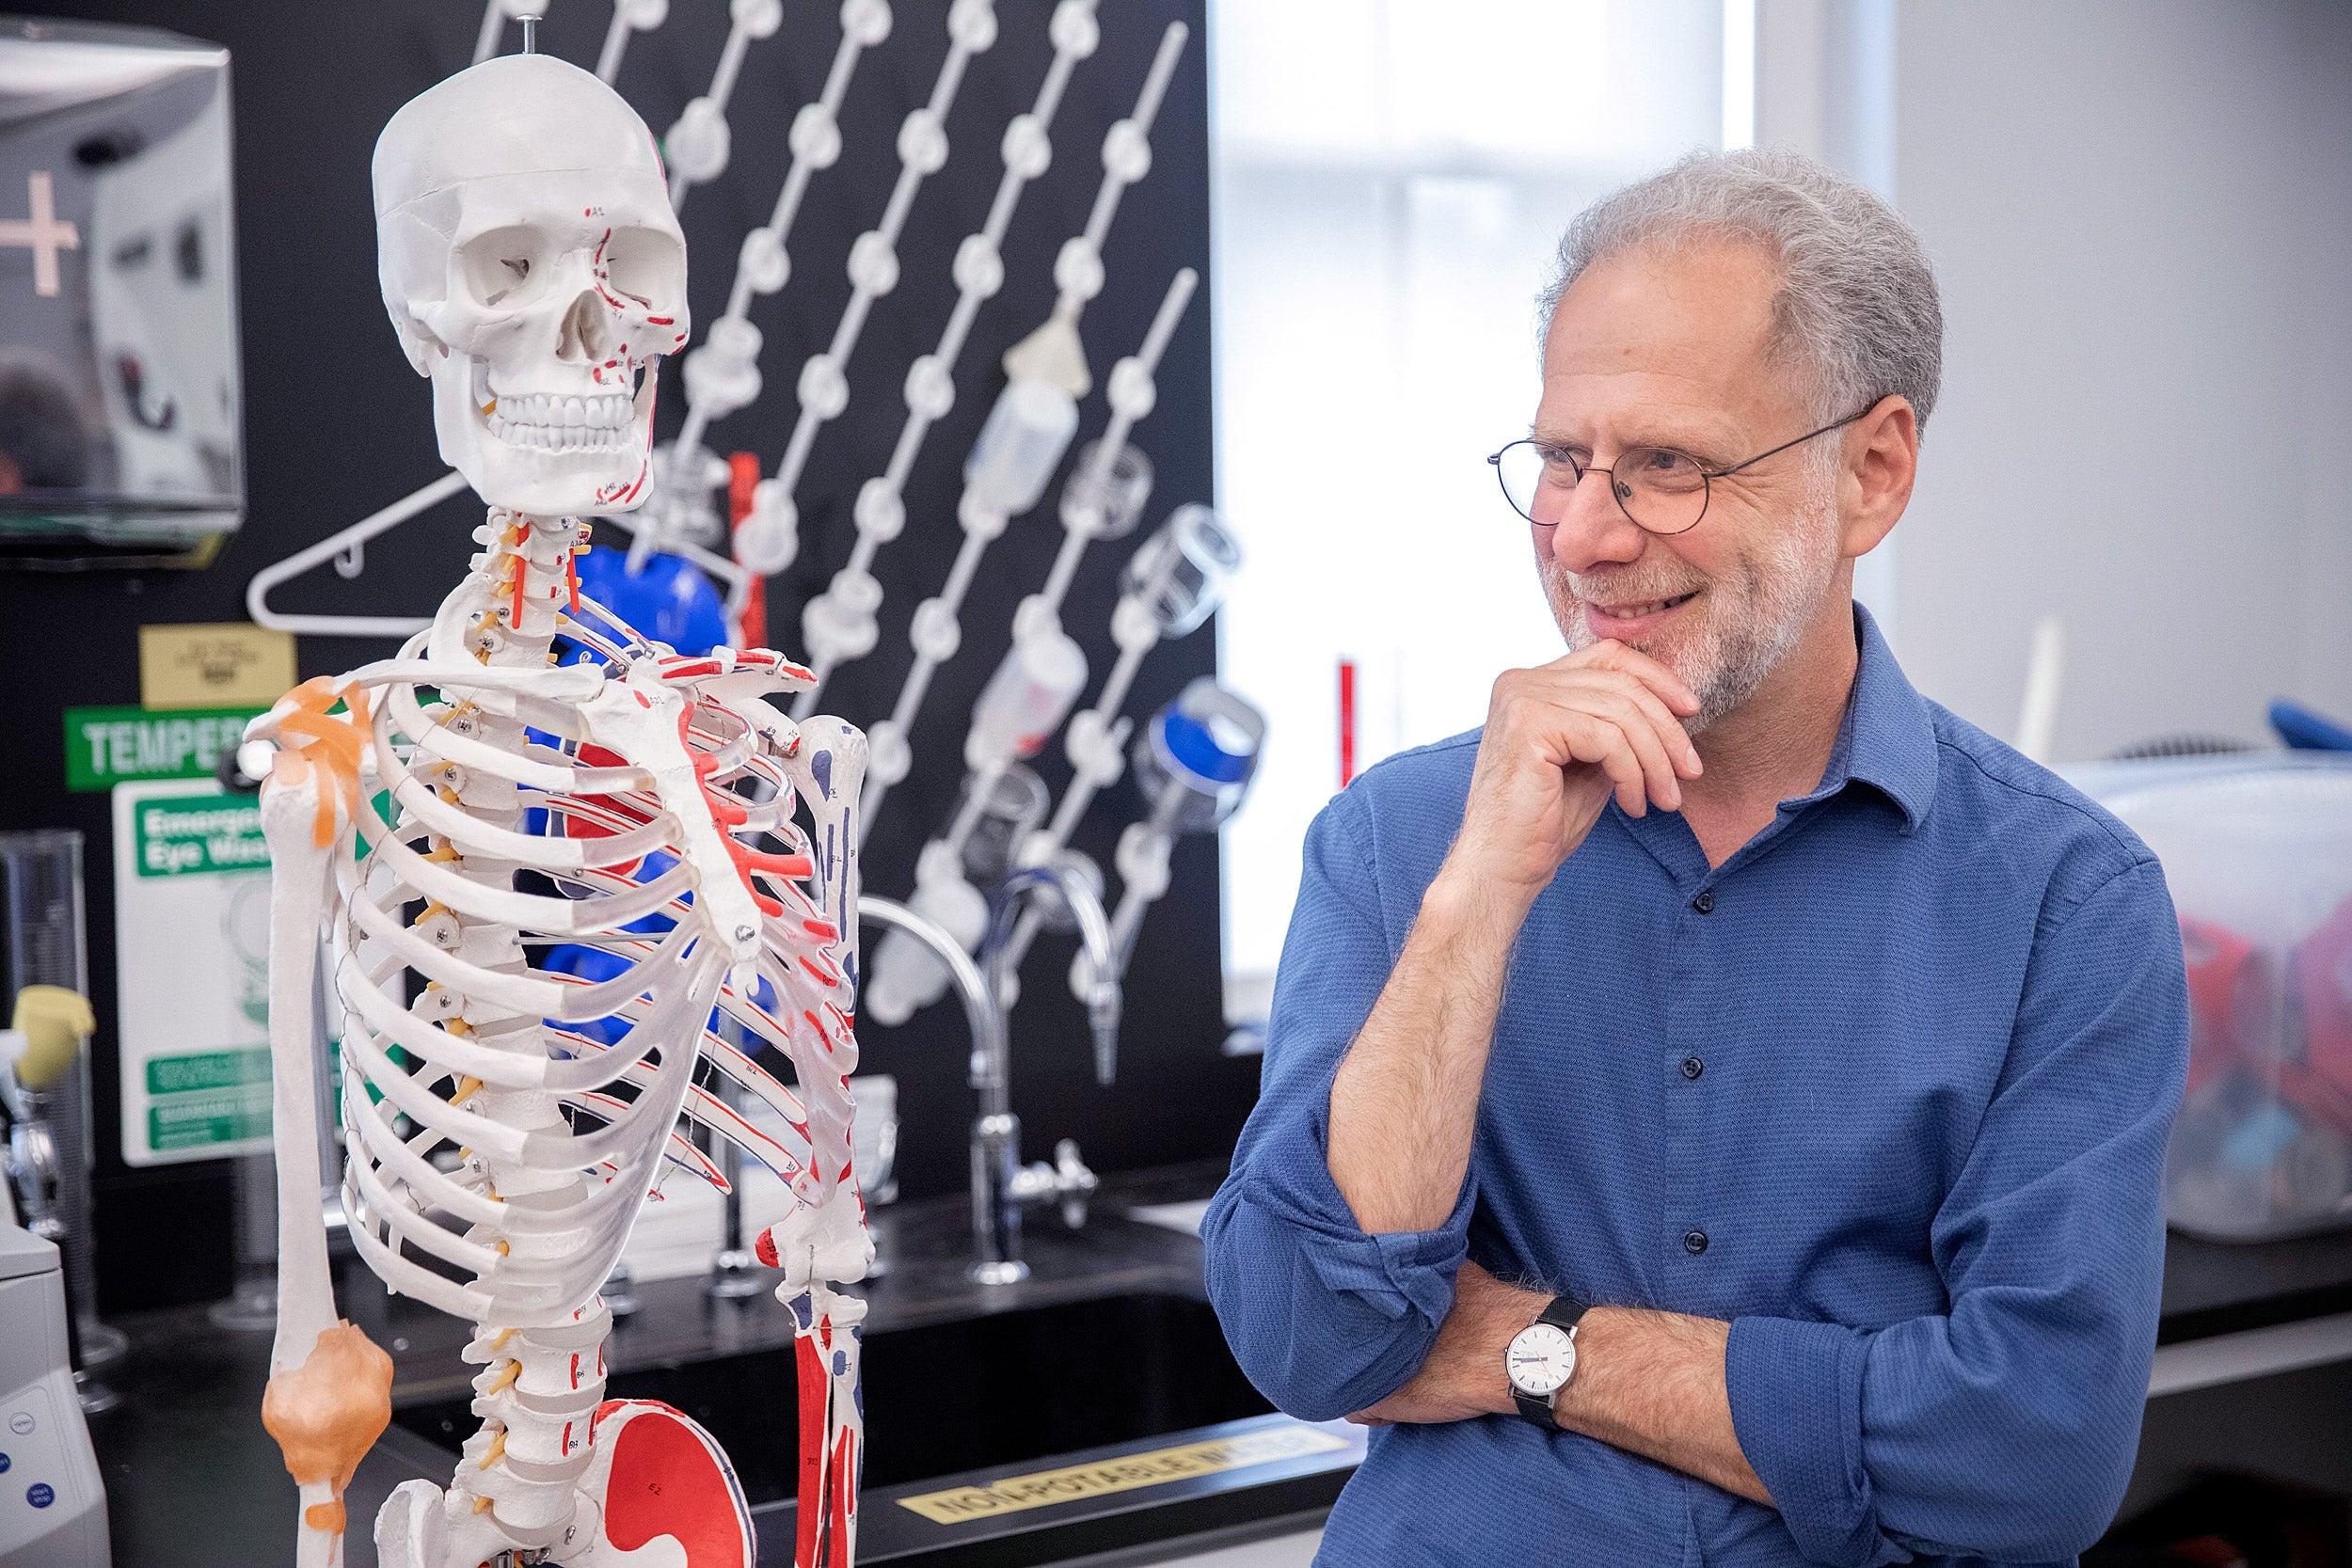 Professor Daniel Lieberman standing in his lab.